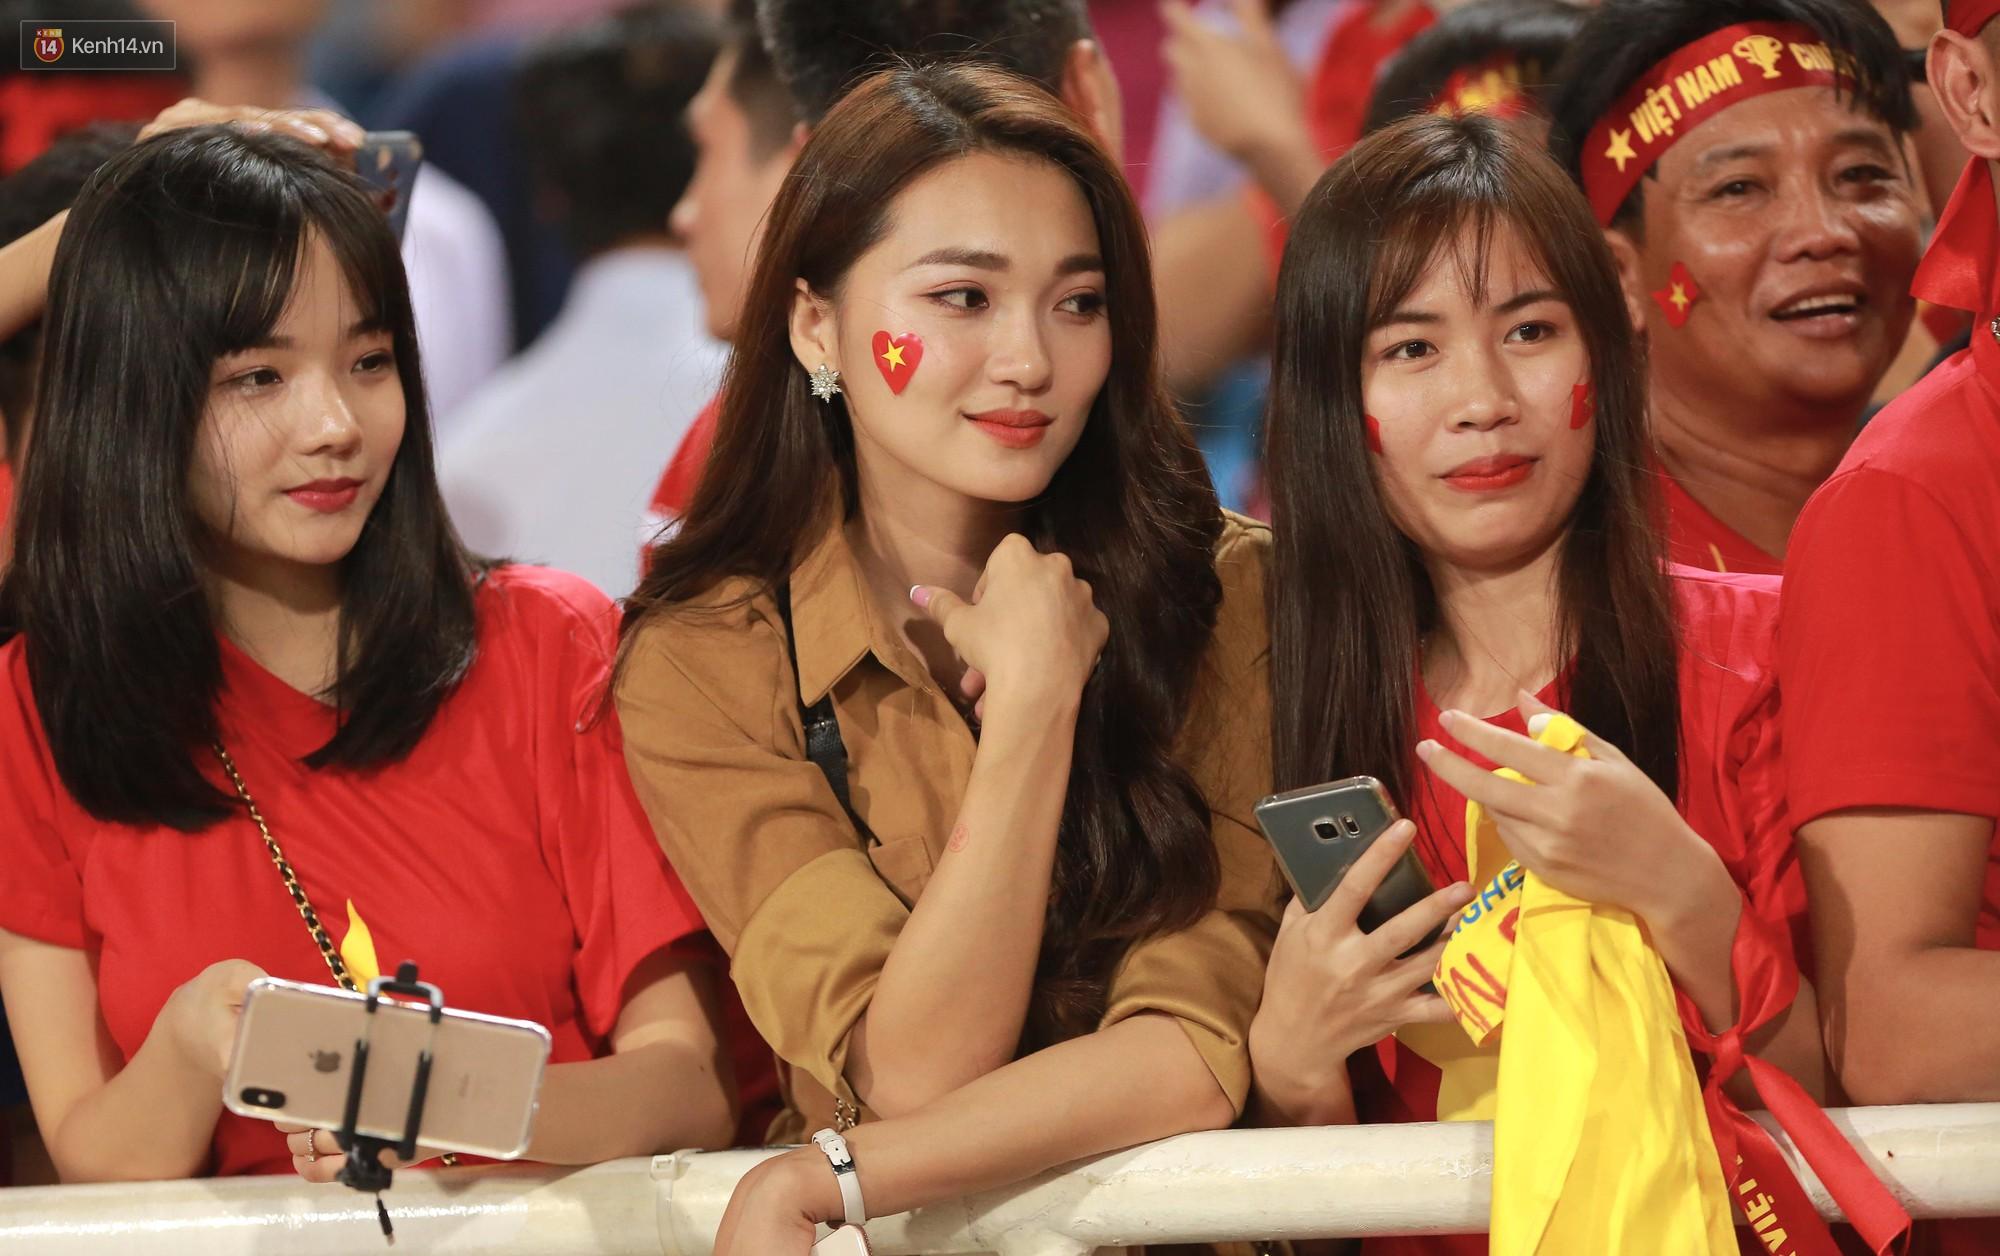 Báo Hàn Quốc ấn tượng về sự cuồng nhiệt của những fan nữ Việt Nam xinh đẹp 2